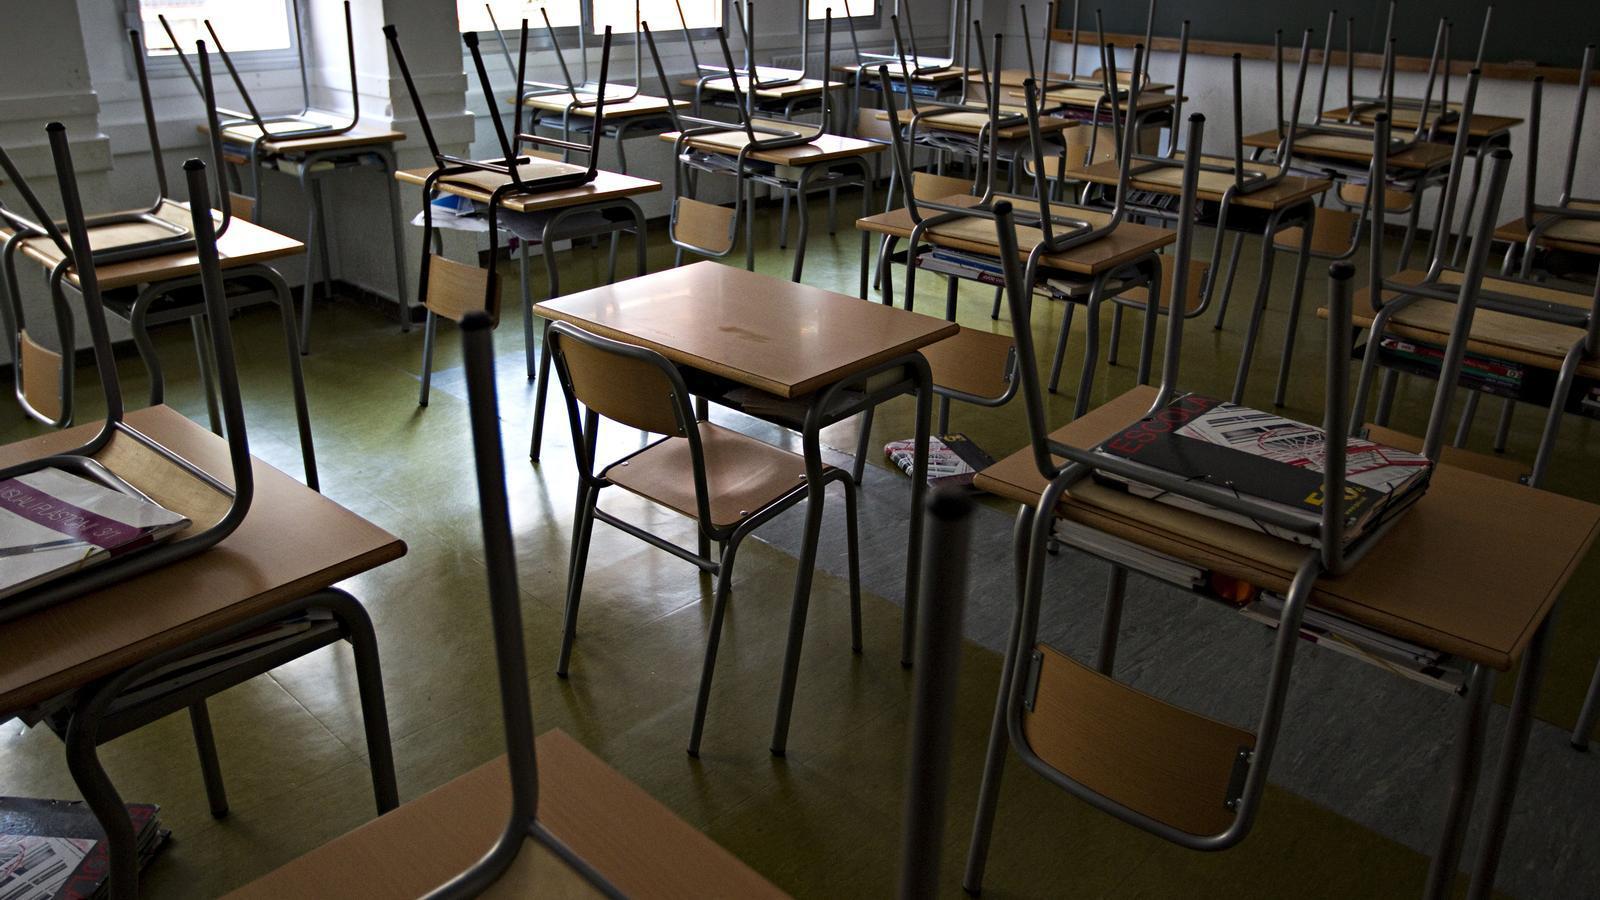 L'aula d'una escola en una imatge d'arxiu